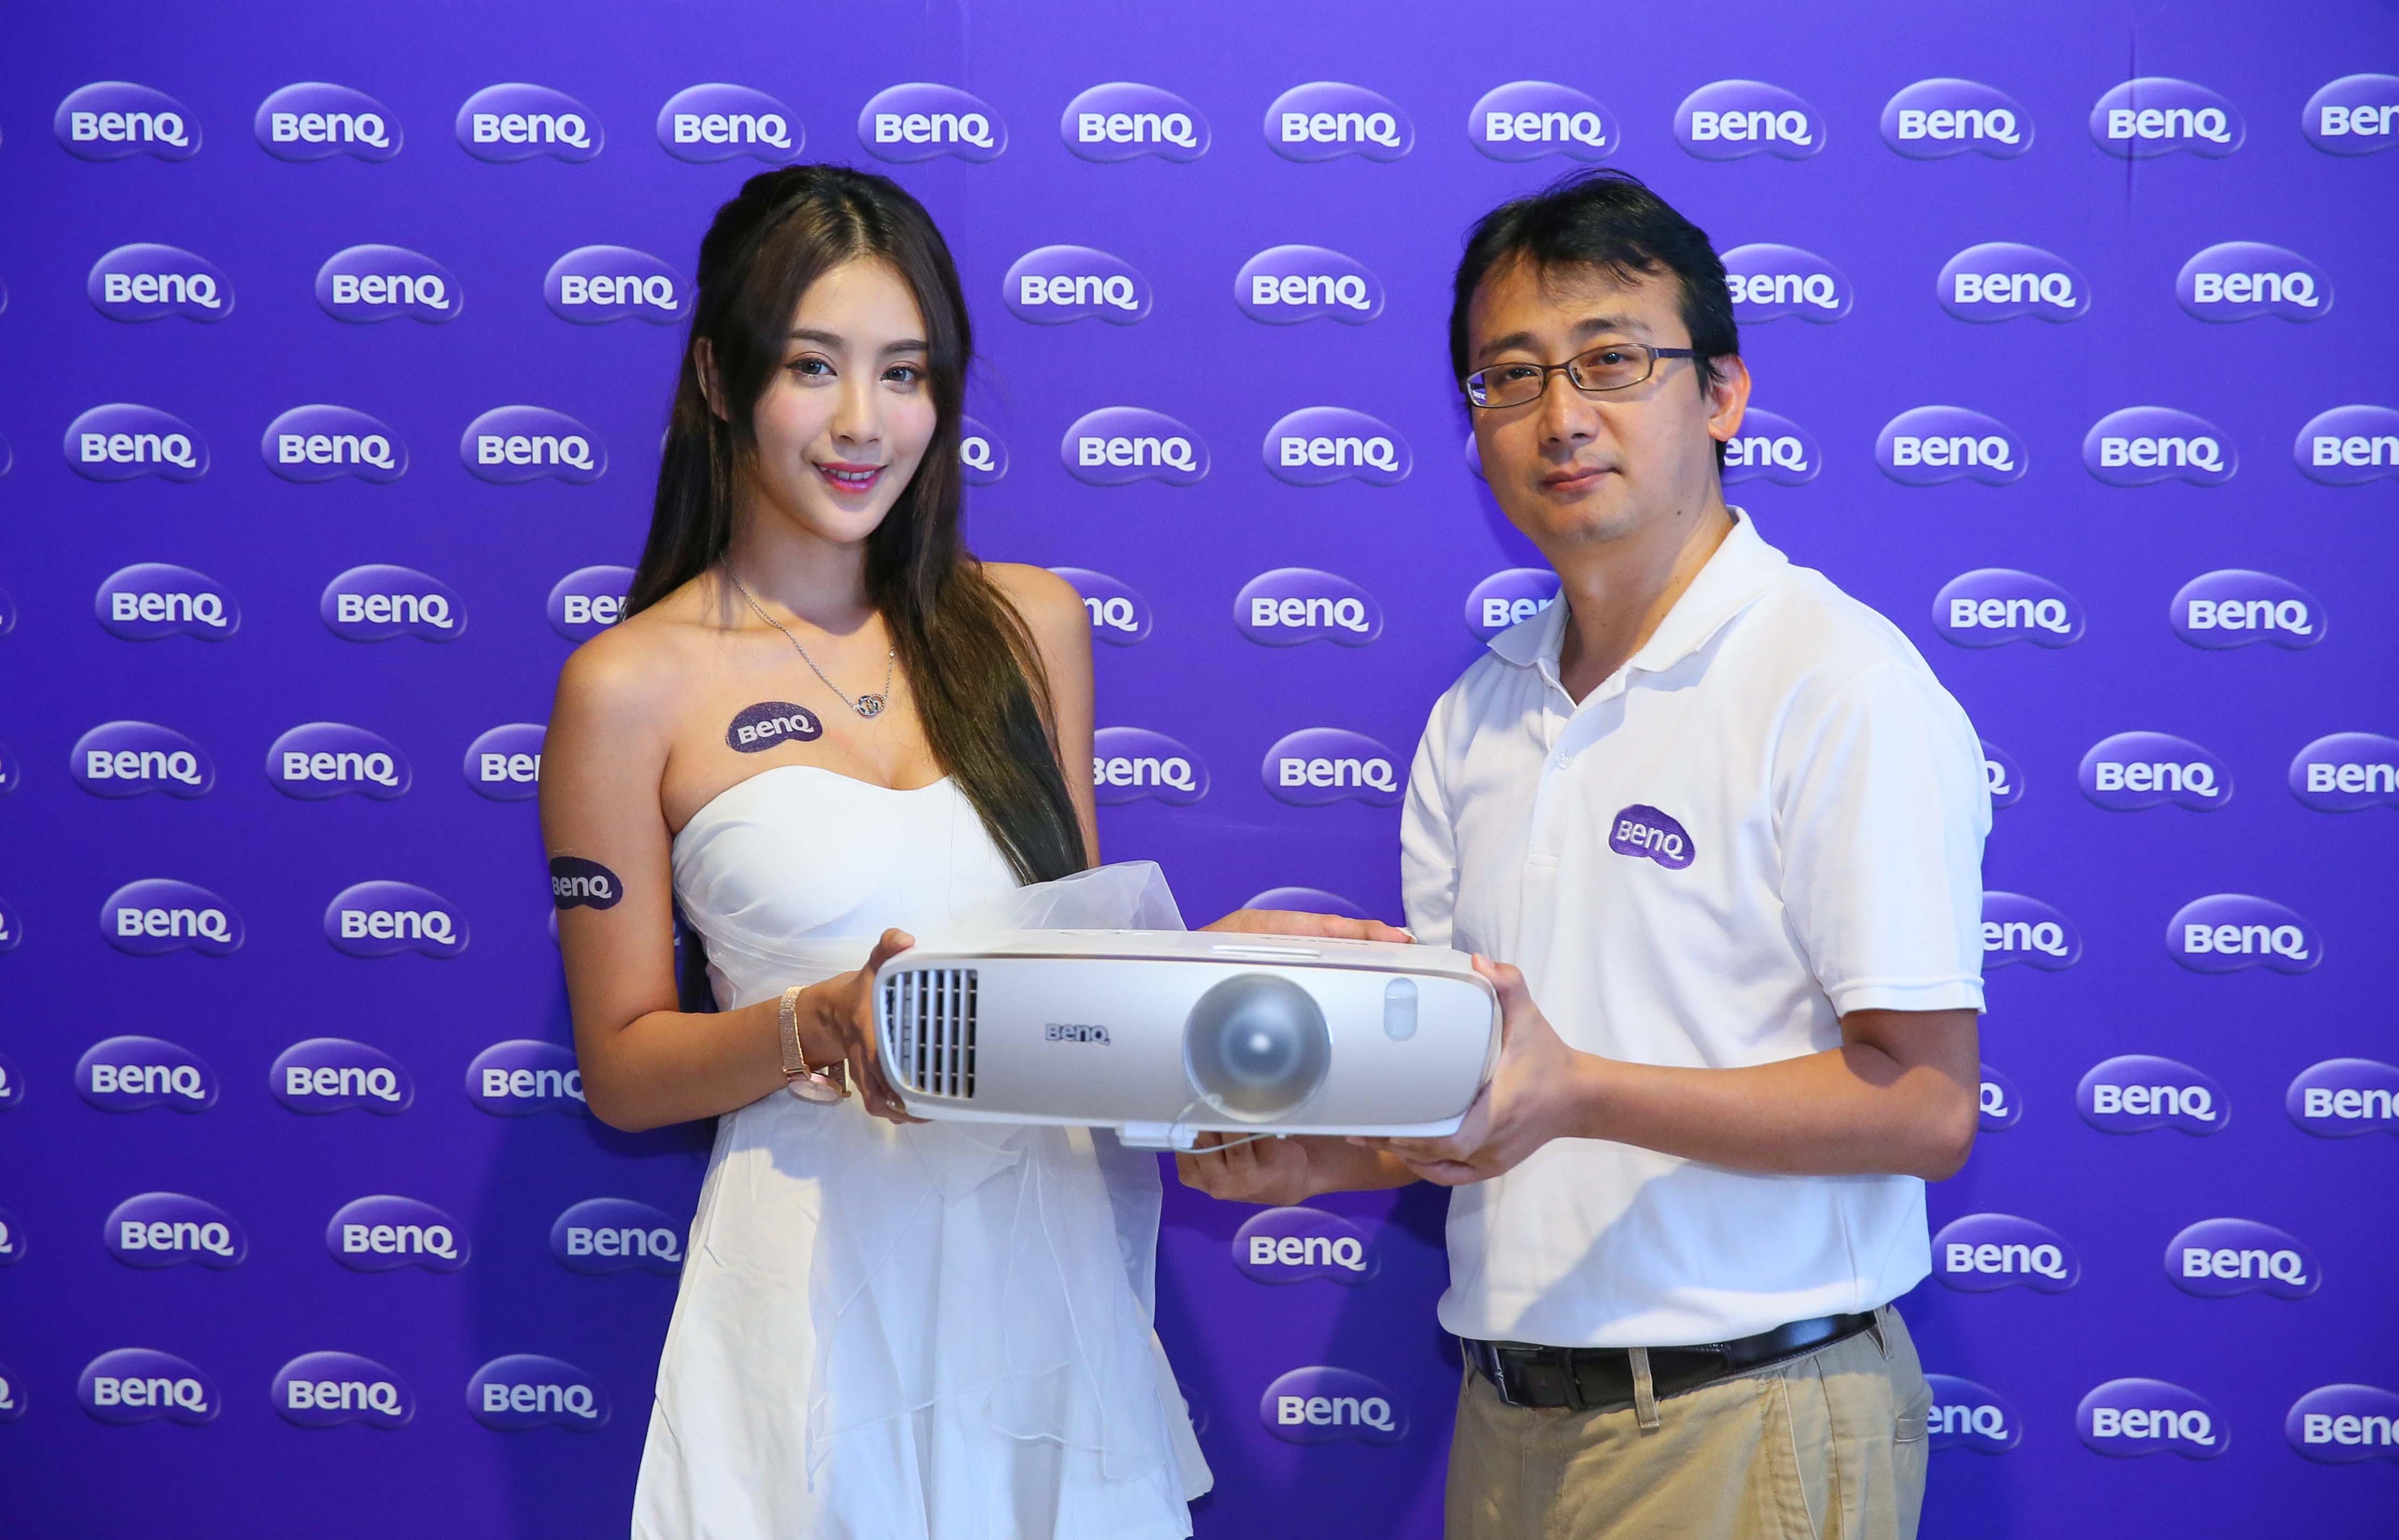 所見即所得 不失真的導演色彩 BenQ 推出全新家用投影機「導演機」W2000/W3000